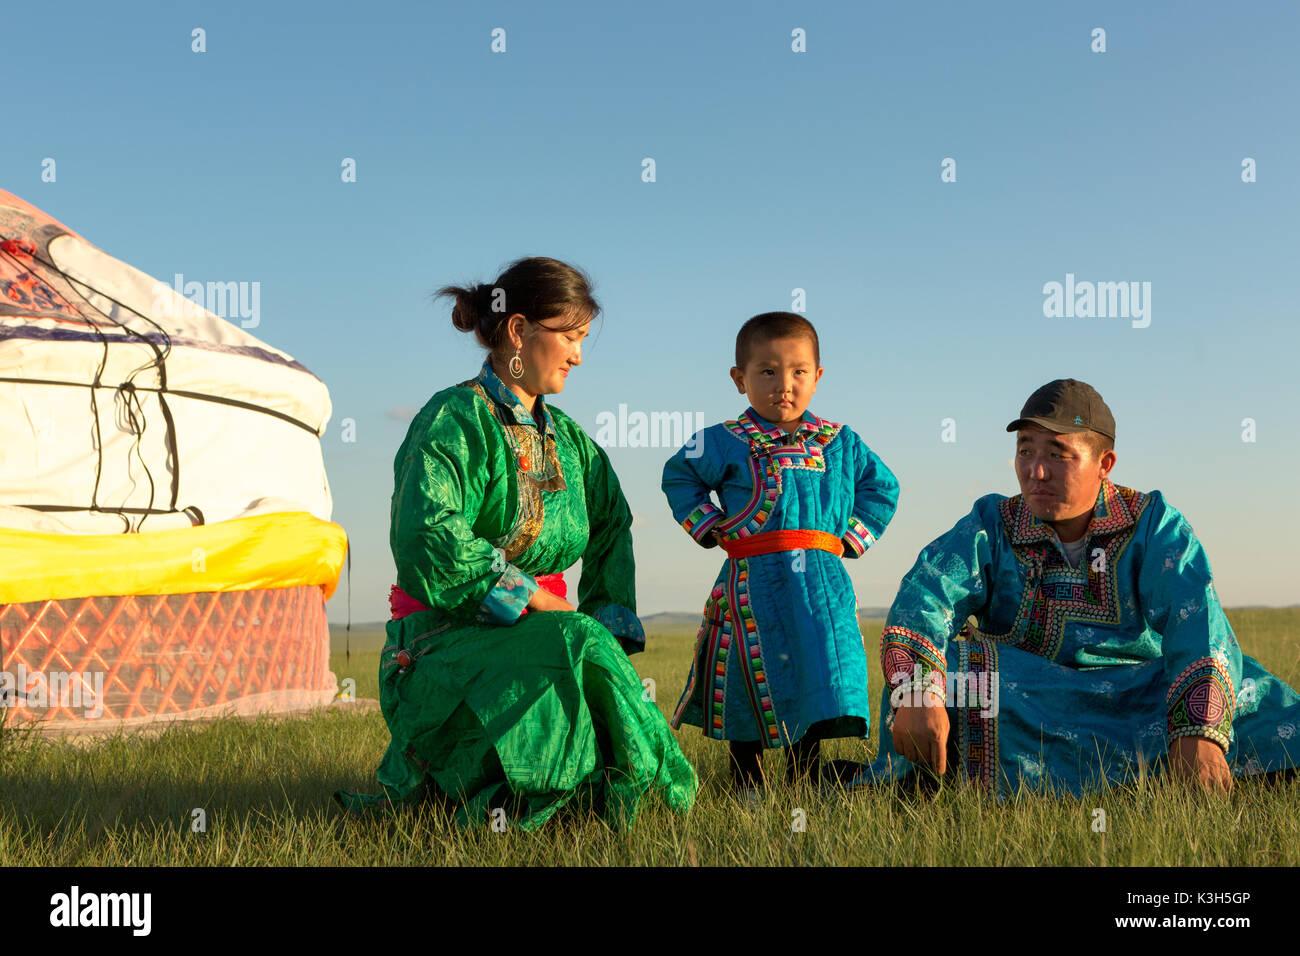 Mongolia interna, Cina-luglio 30, 2017: nomade famiglia mongola con i loro tradizionali abiti colorati vicino a loro yurt nella immensa prateria del coun Immagini Stock